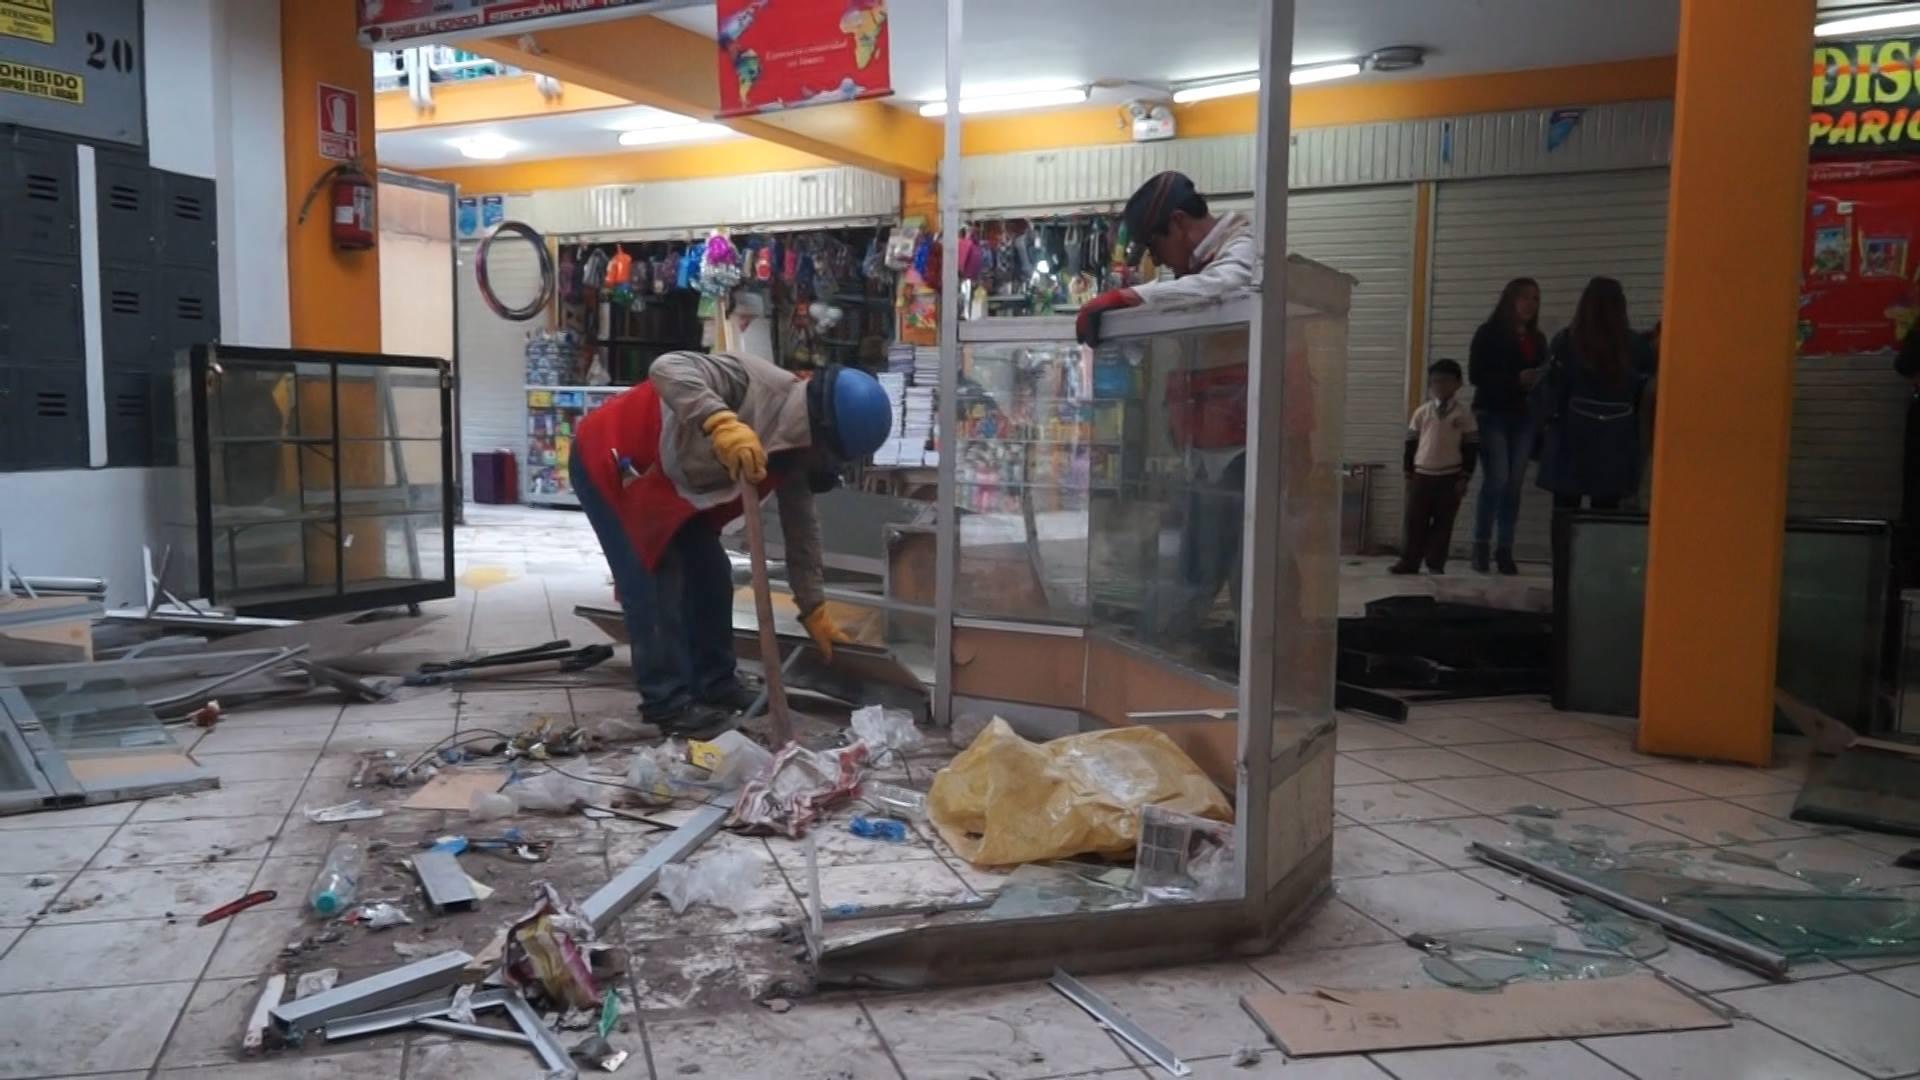 MUNICIPALIDAD DEL CUSCO PROCEDIÓ AL RETIRO  DE STANDS QUE FUERON DECLARADOS EN RIESGO GRAVE POR DEFENSA CIVIL EN EL CC.CC. CONFRATERNIDAD.